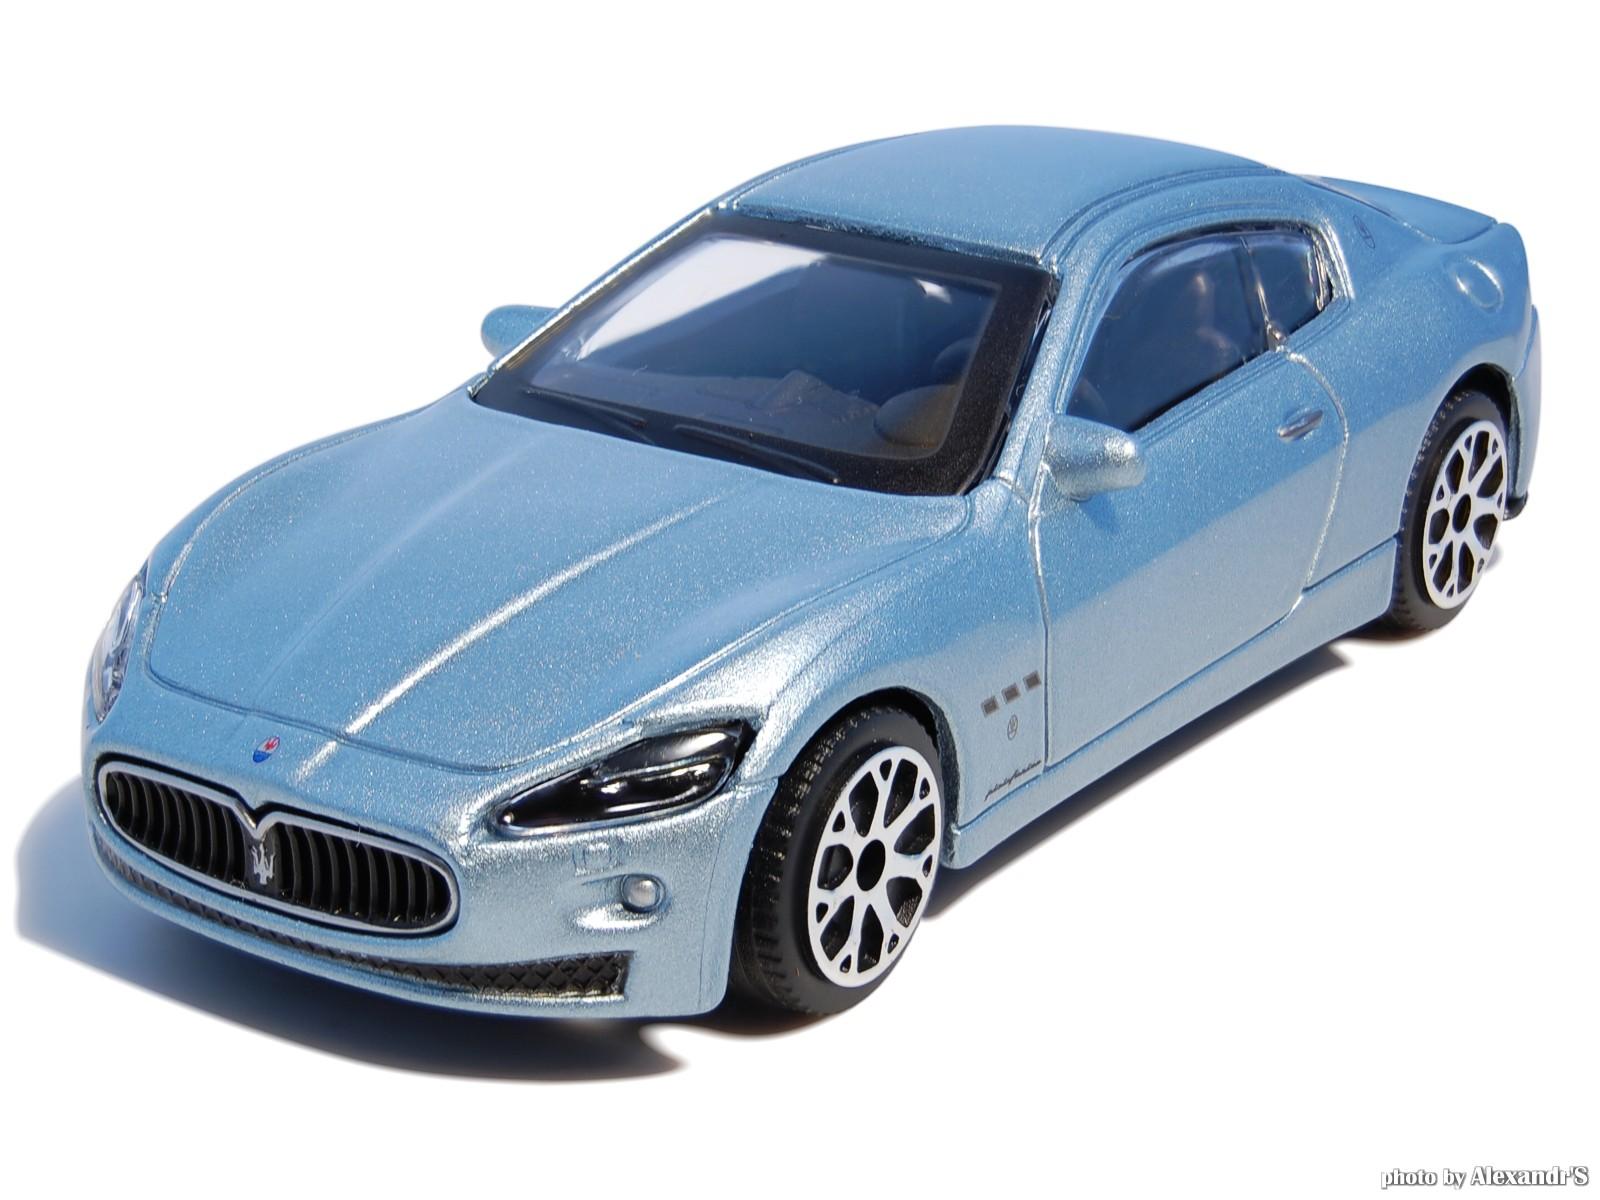 Bburago: 2007 Maserati Gran